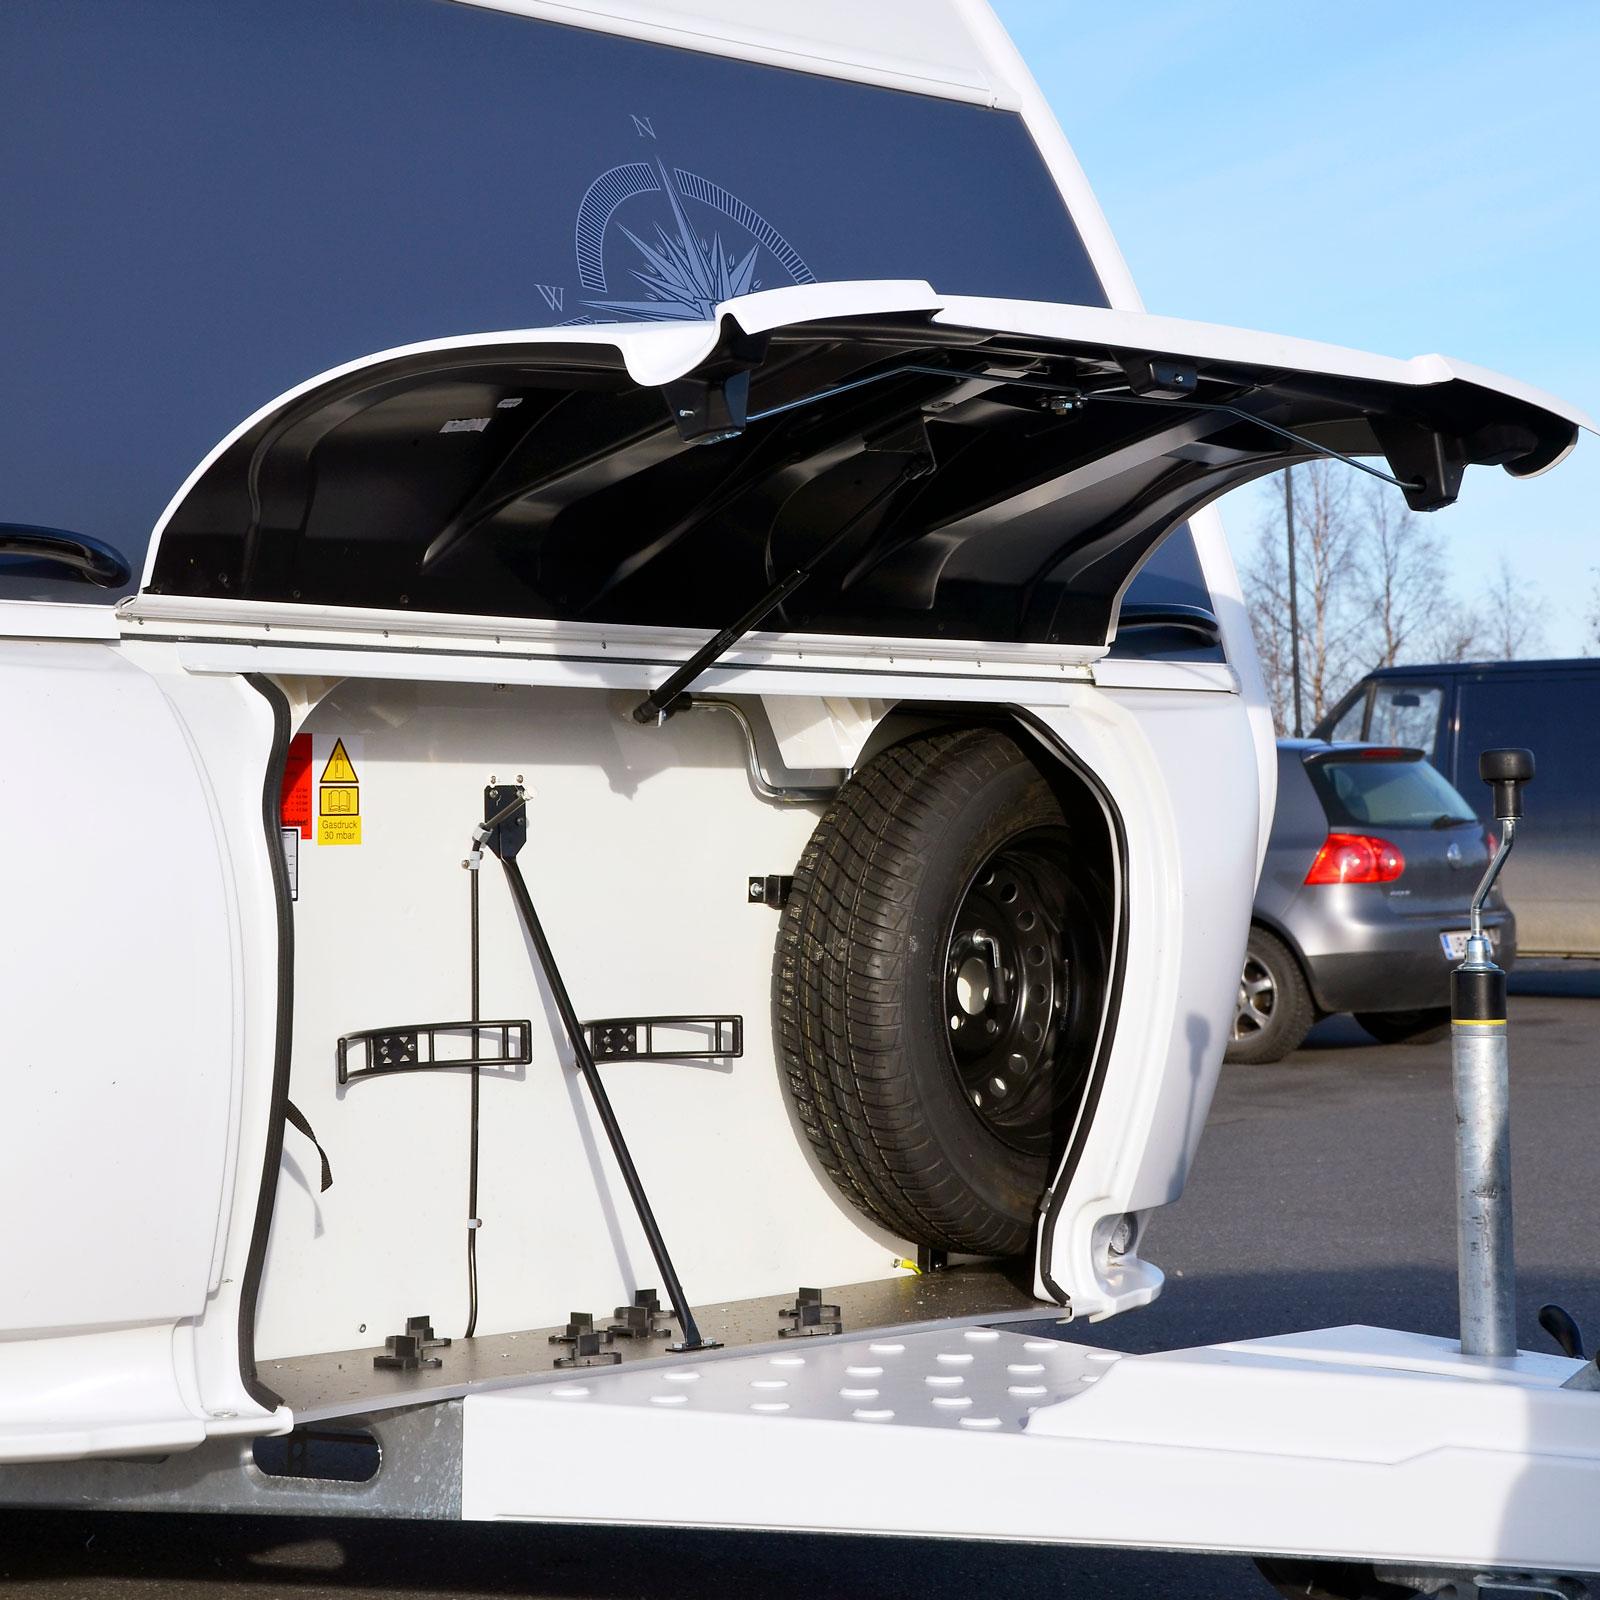 Instoppad. Reservdäcket som finns som tillval stjäl utrymme från övrigt bagage.